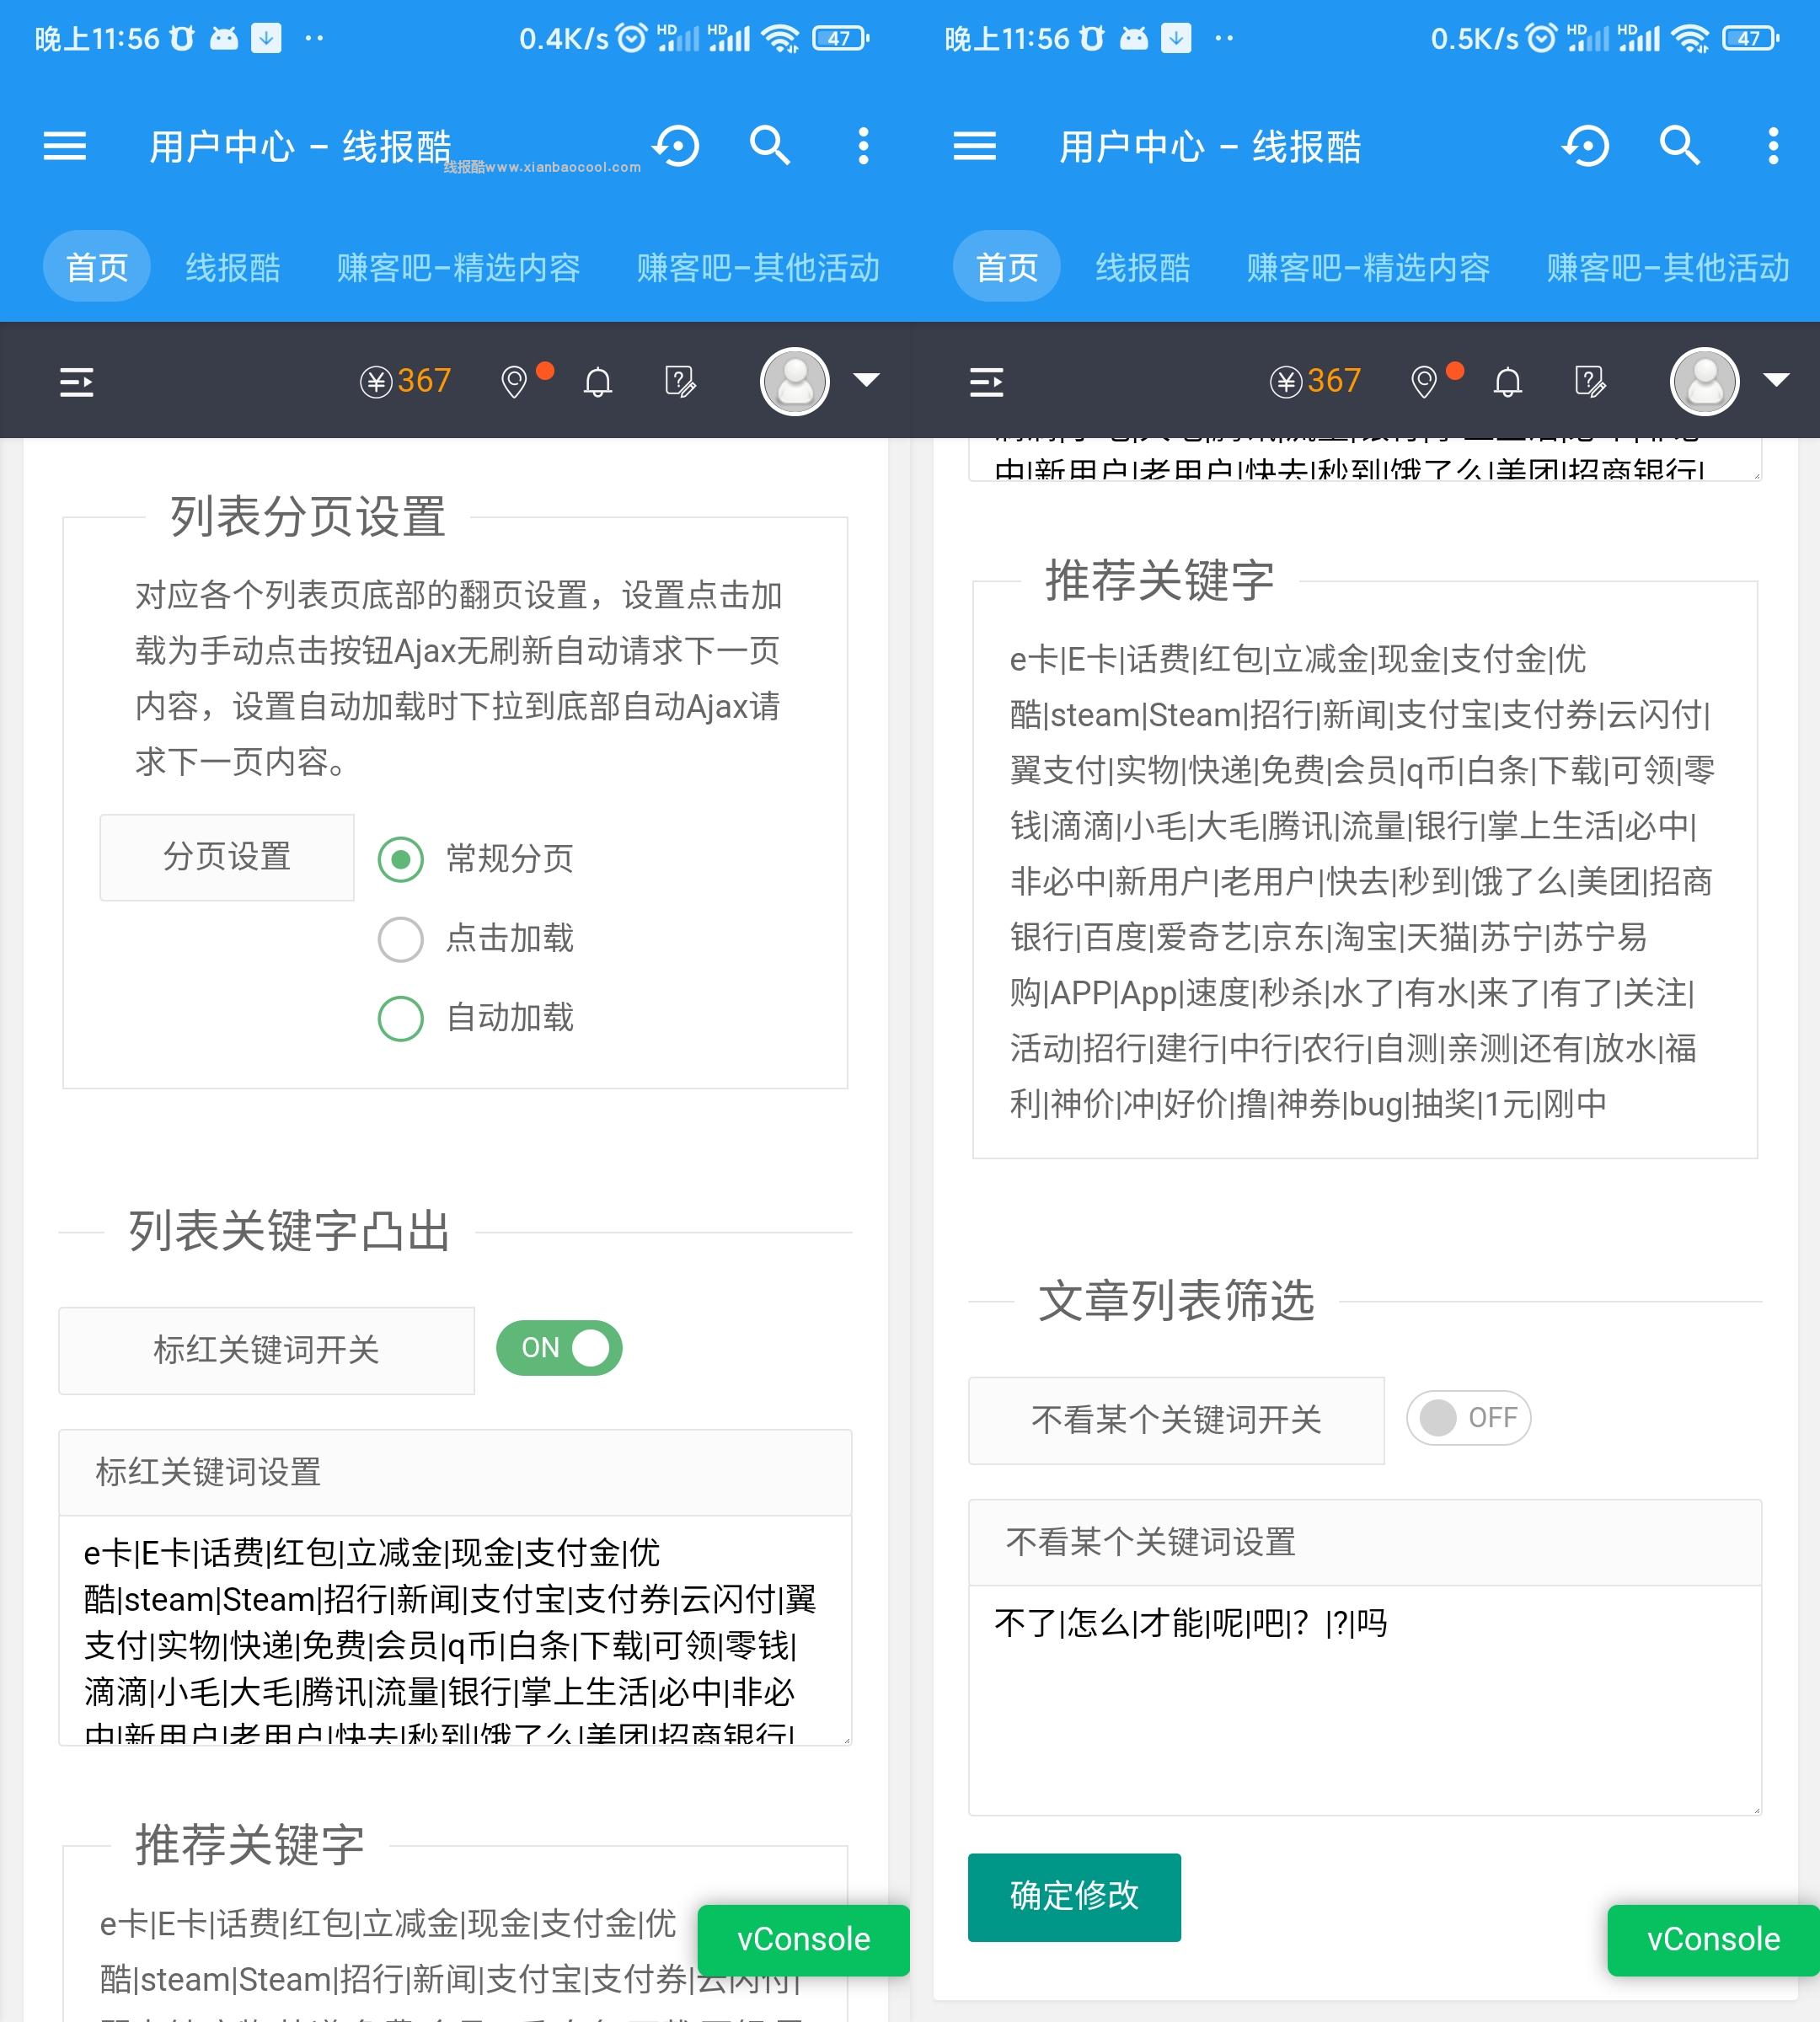 线报酷APP 3.0.6版本正式上线!-线报酷